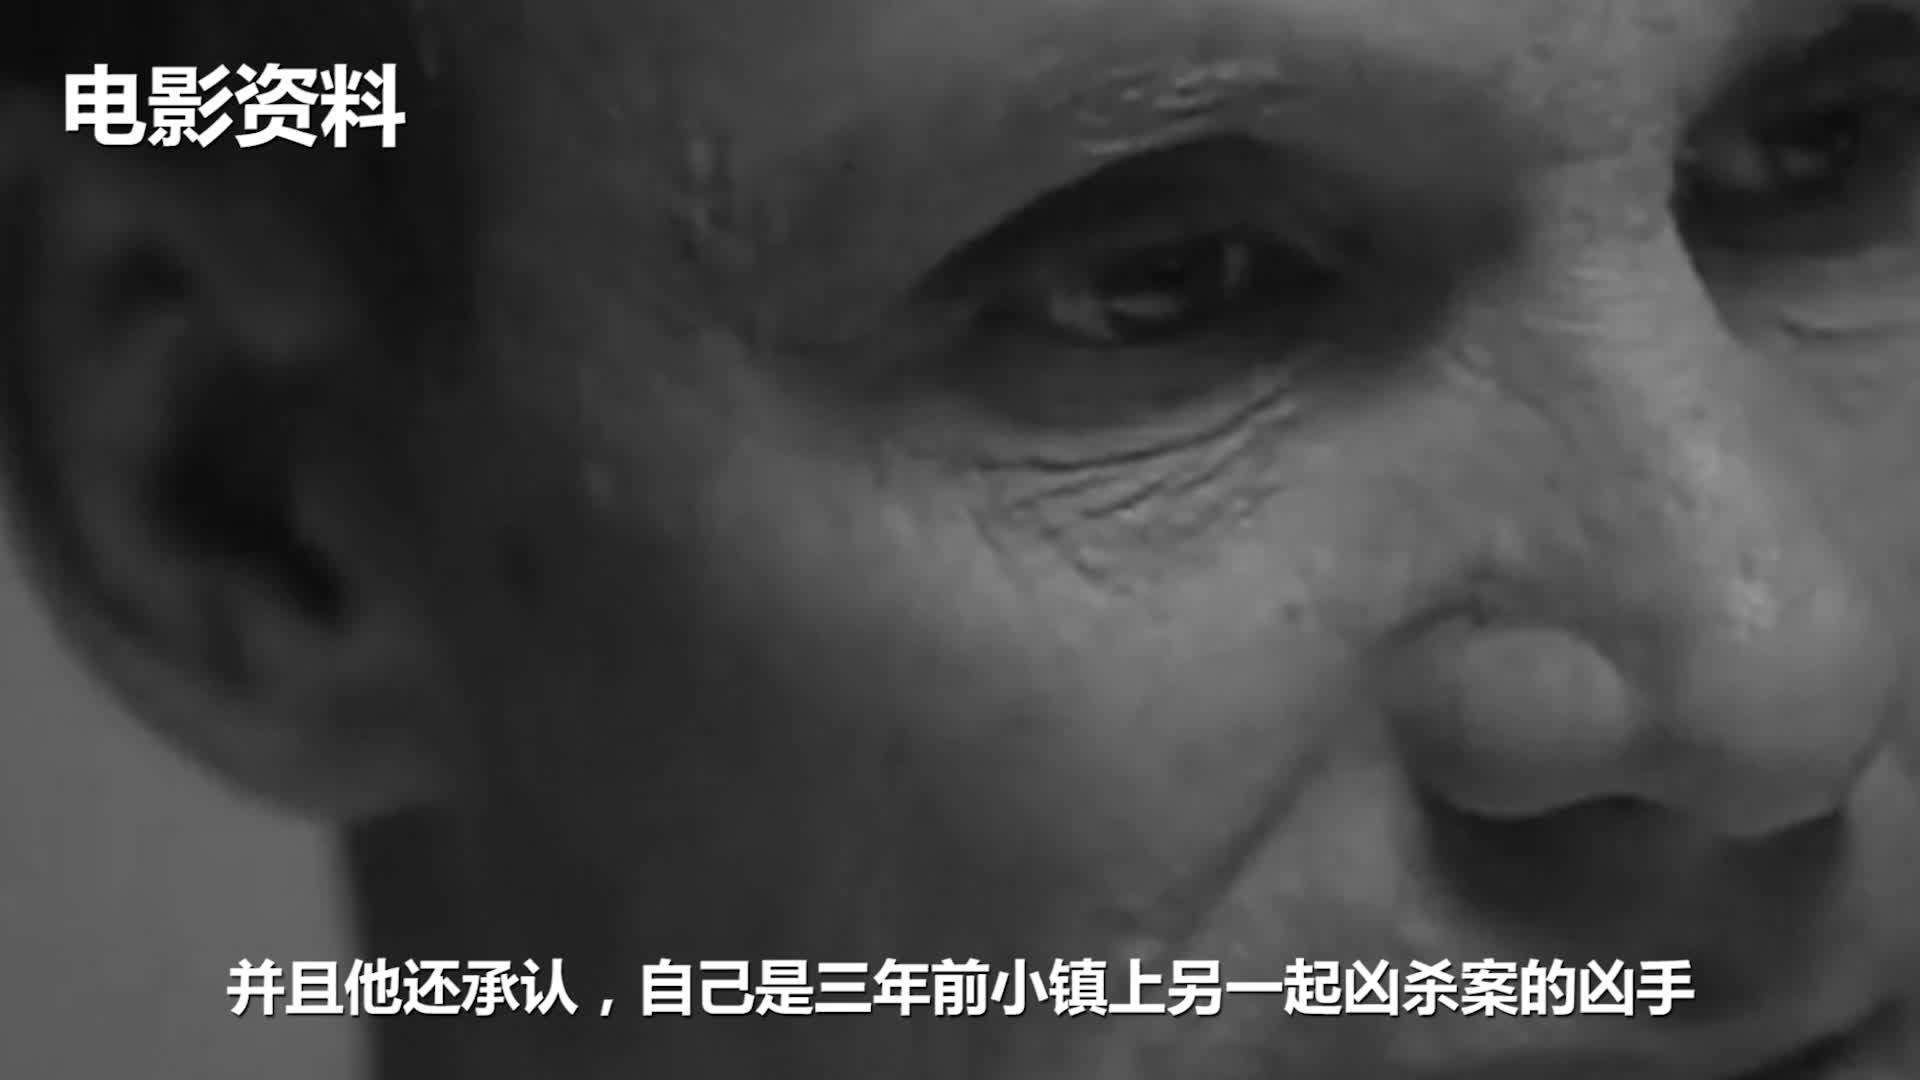 Big笑工坊-唐唐说奇案:妈妈不让他谈女友,却把他憋成专杀女性的恶魔!